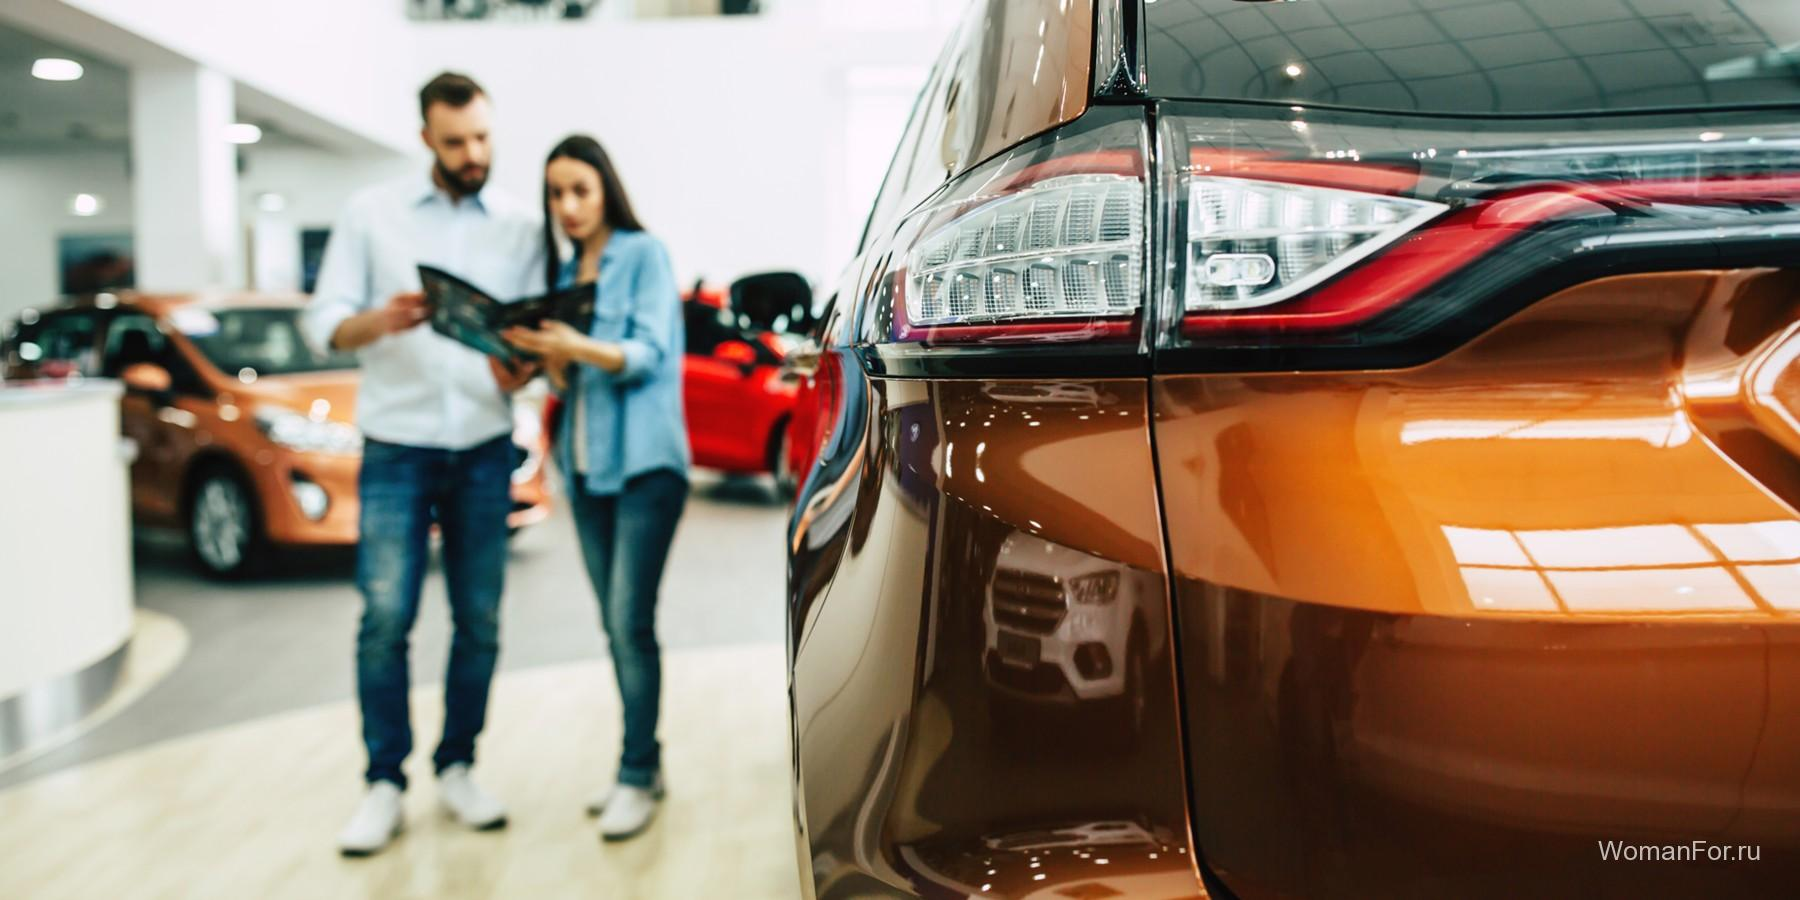 Программа семейный автомобиль 2019 – условия